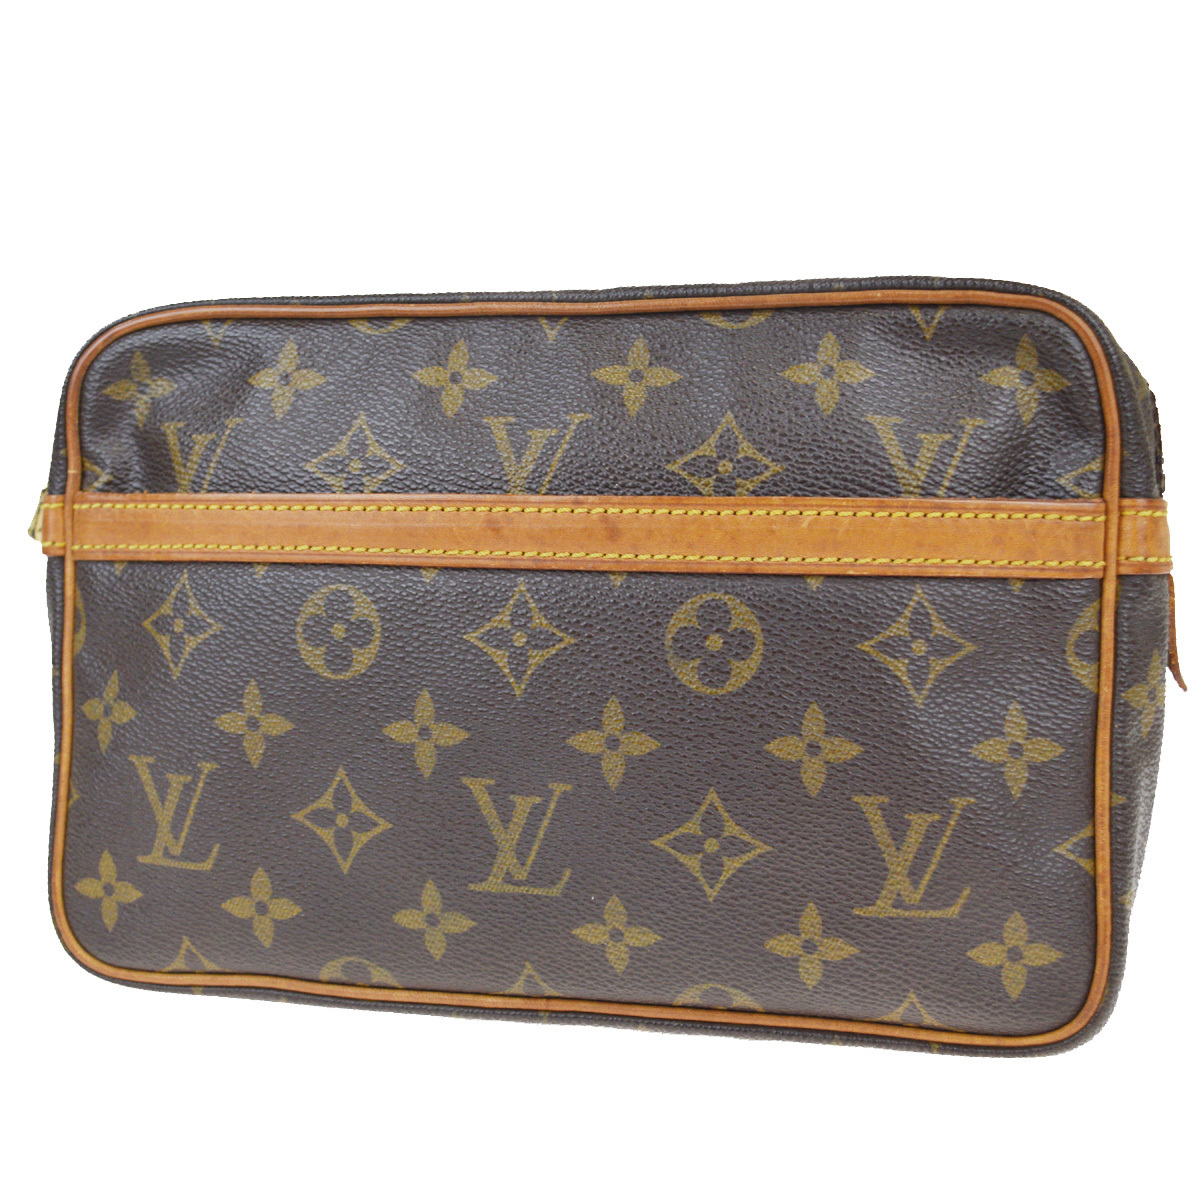 【中古】 ルイ・ヴィトン(Louis Vuitton) モノグラム M51847 コンピエーニュ 23 クラッチバッグ ブラウン 02FA825